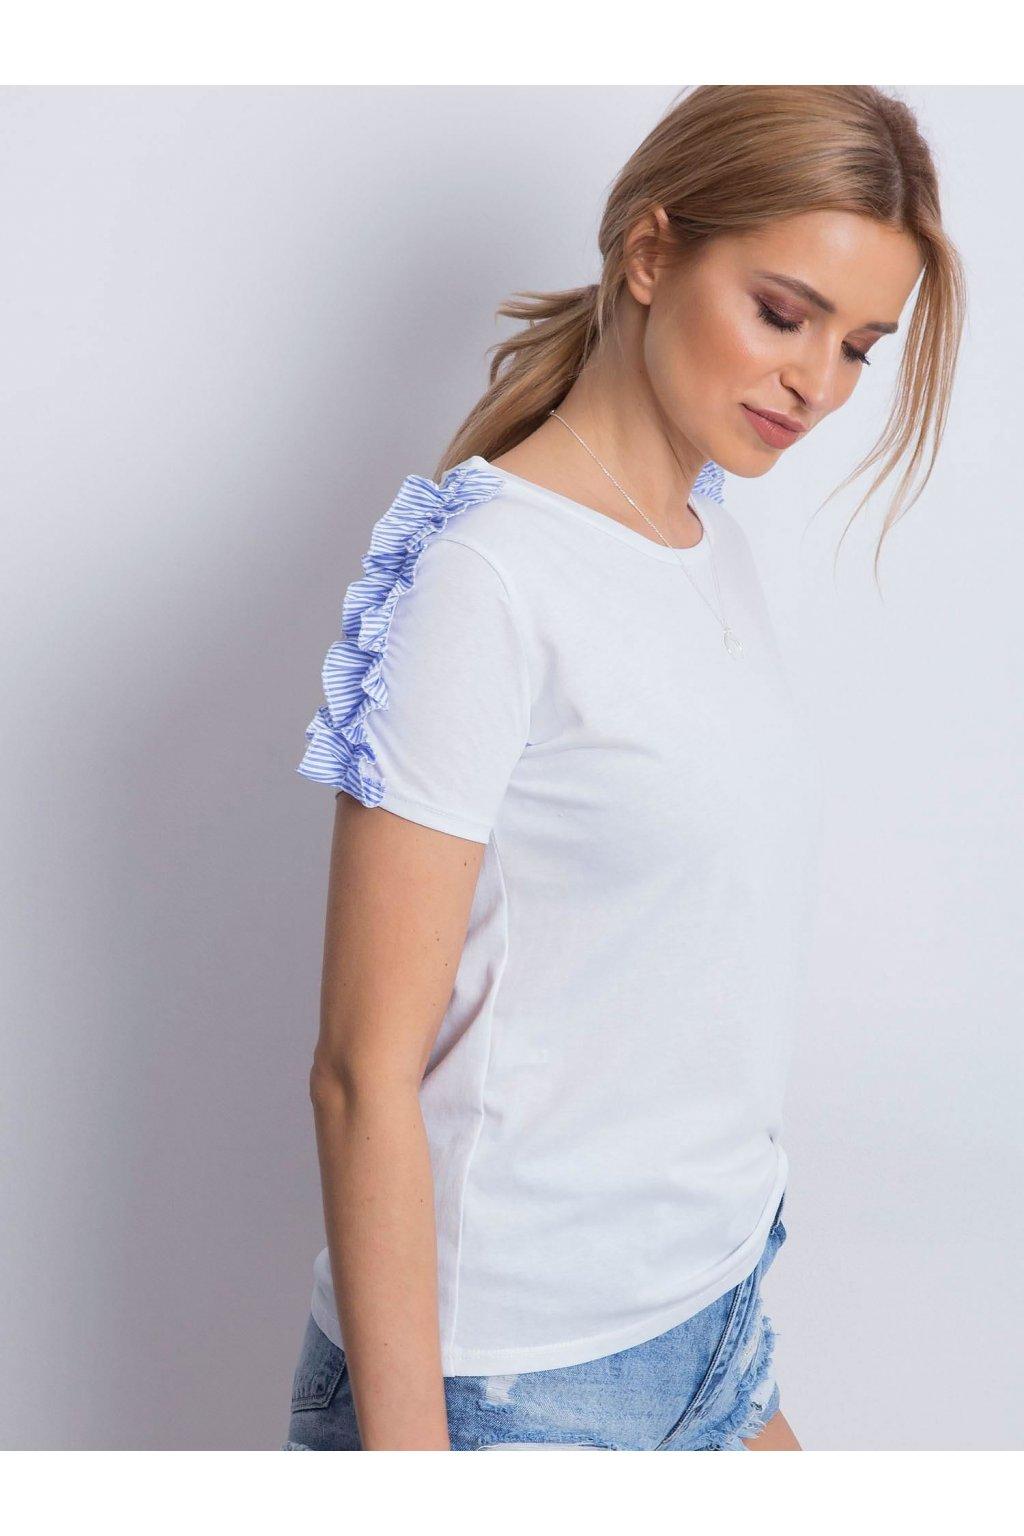 Dámske tričko s podtlačou kód EM-TS-17025.94